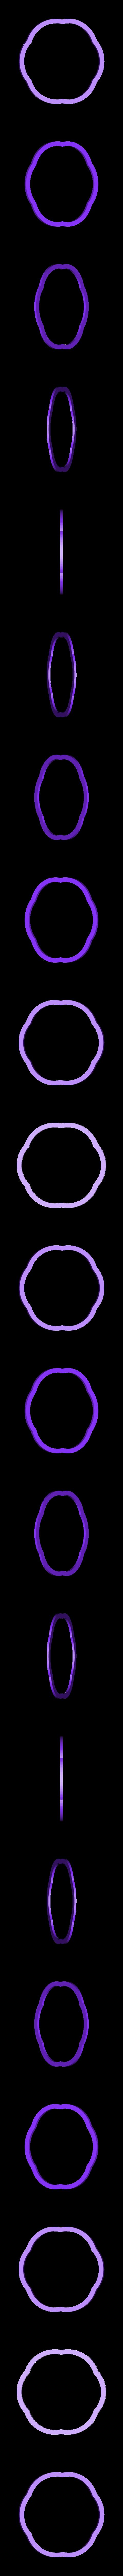 """bowl_5.stl Télécharger fichier STL gratuit Ensemble de cuisine """"Spring"""" • Plan à imprimer en 3D, TanyaAkinora"""